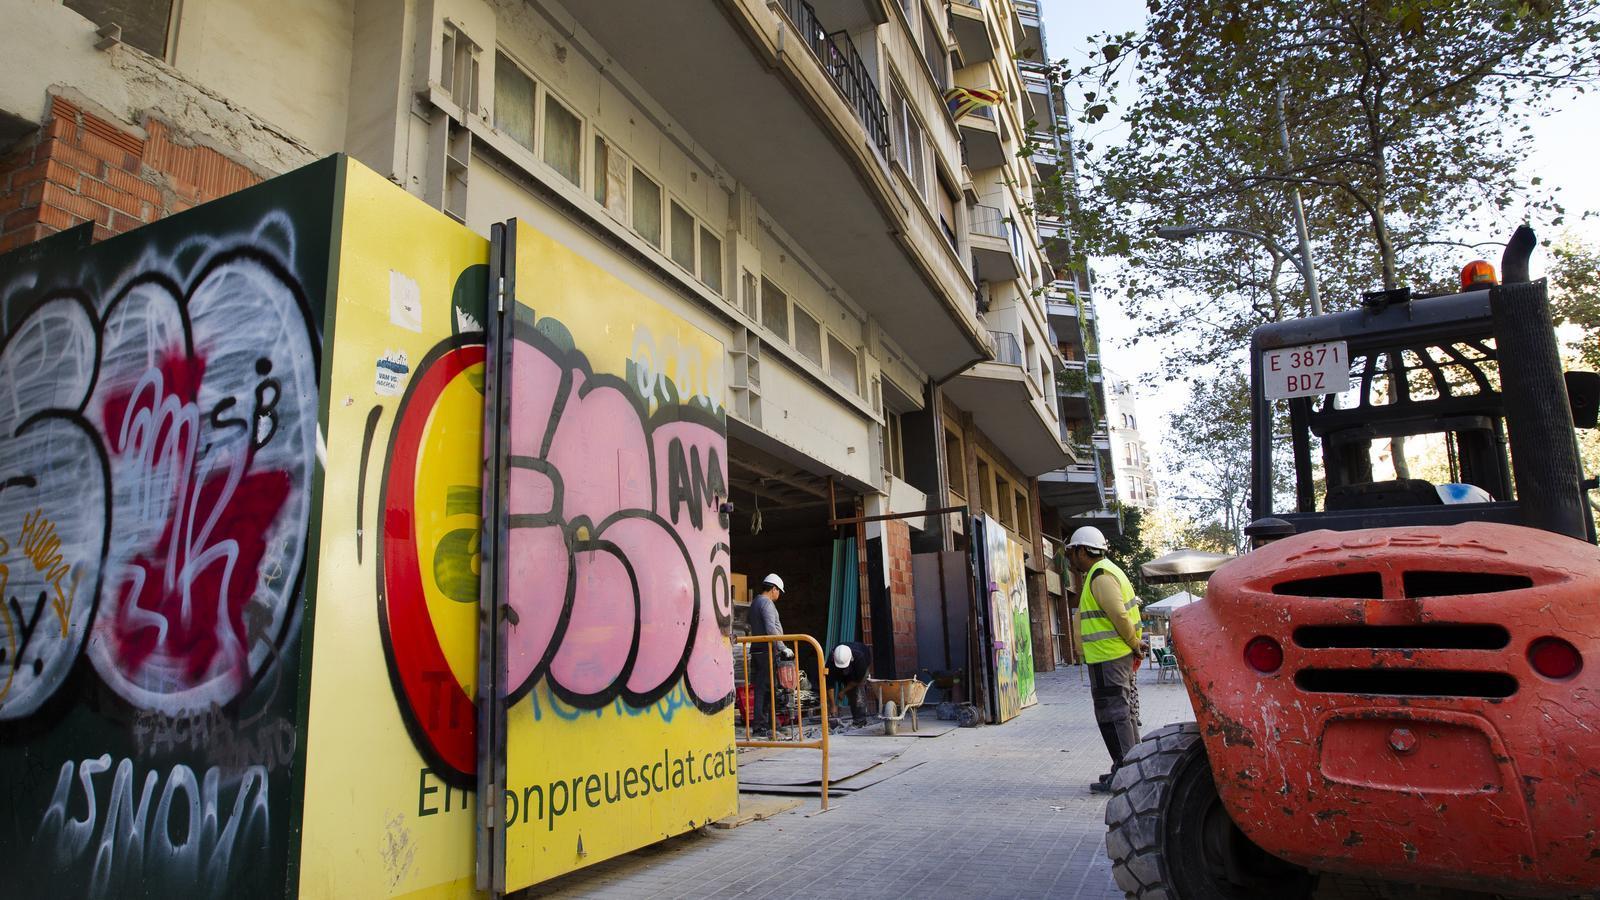 L'antic cinema Urgell de Barcelona reobrirà com a supermercat a final de mes